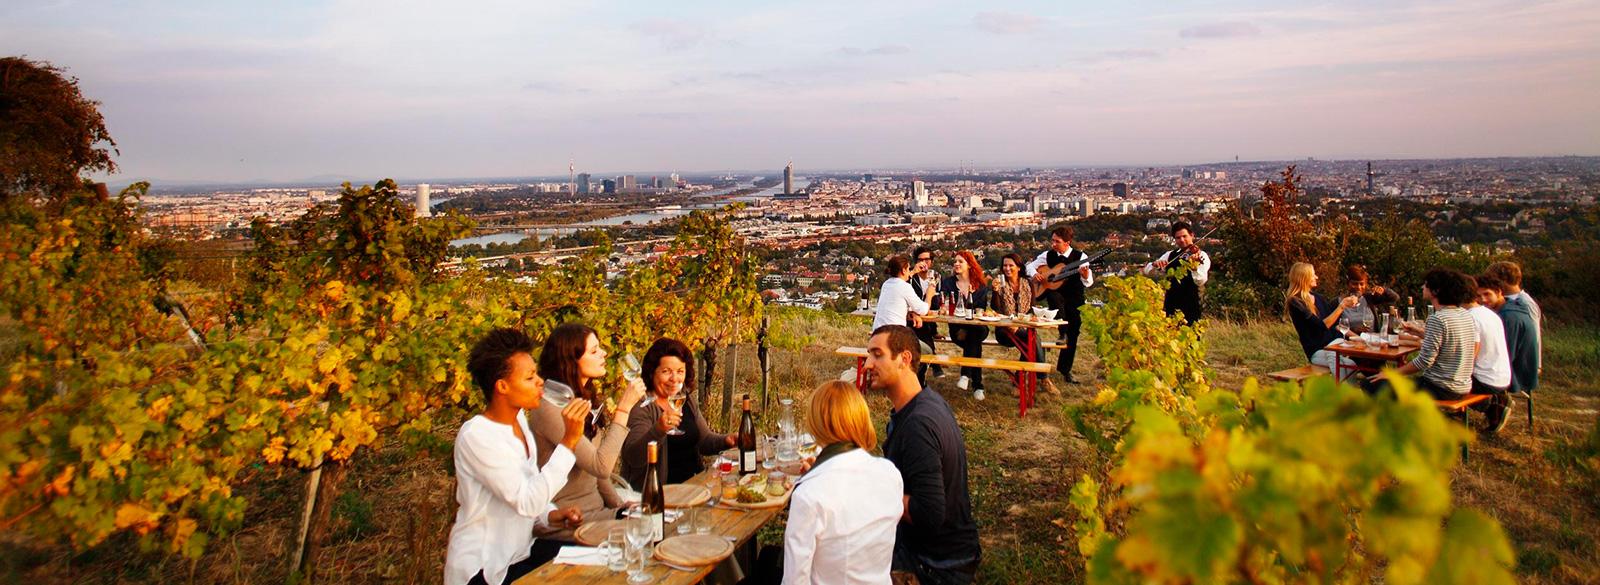 Pistas para descubrir el vino austriaco